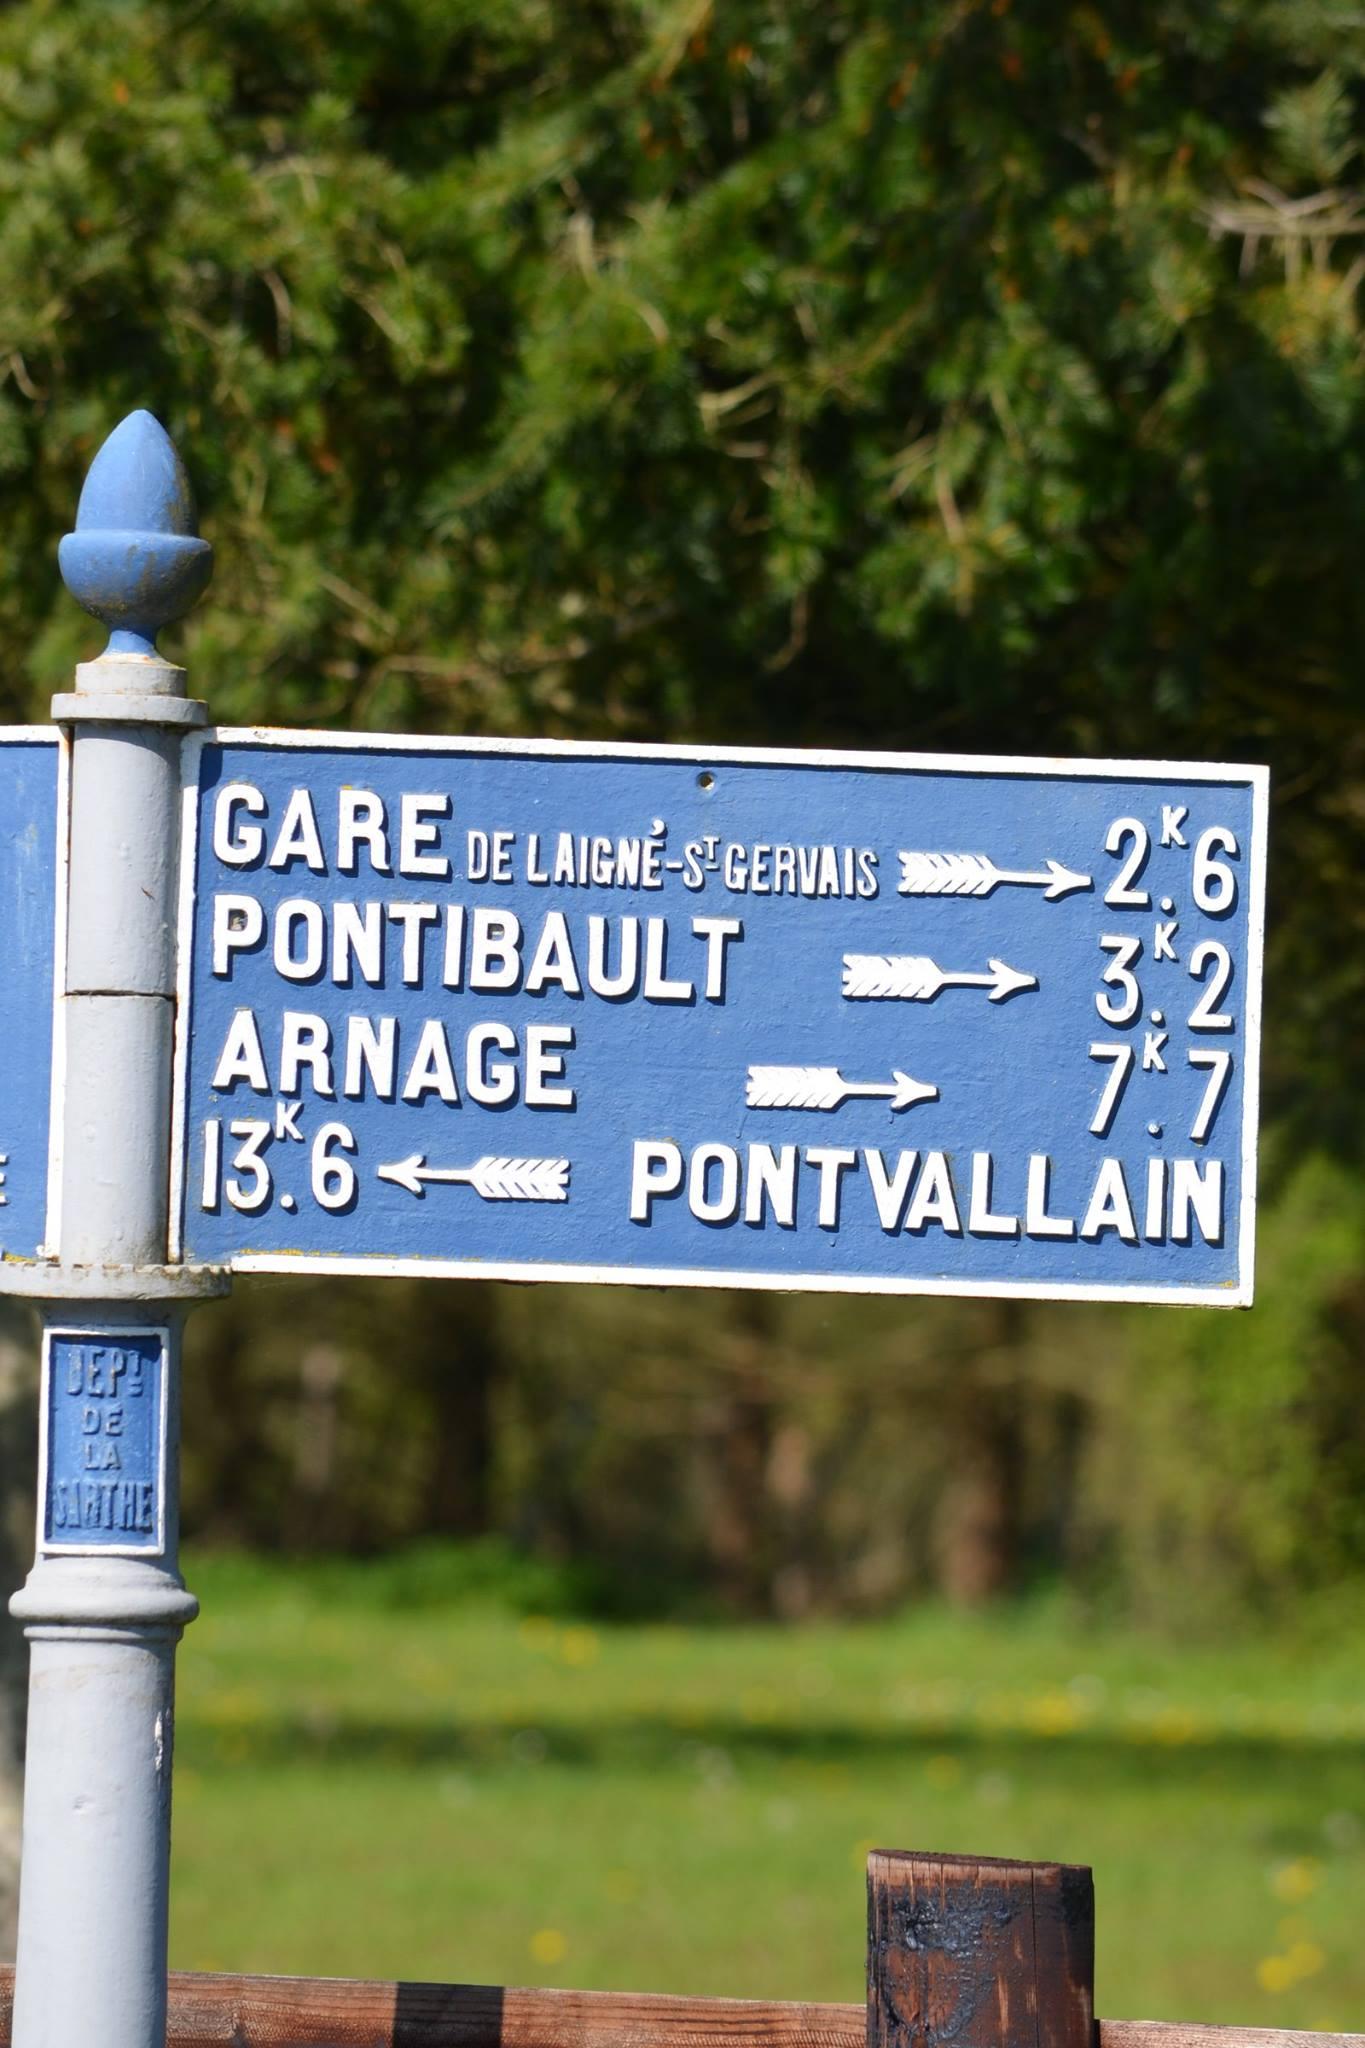 Moncé en Belin, à 500m du bourg - Plaque de cocher - Gare de Laigné Saint Gervais - Pontibault - Arnage - Pontvallain (San Doni)